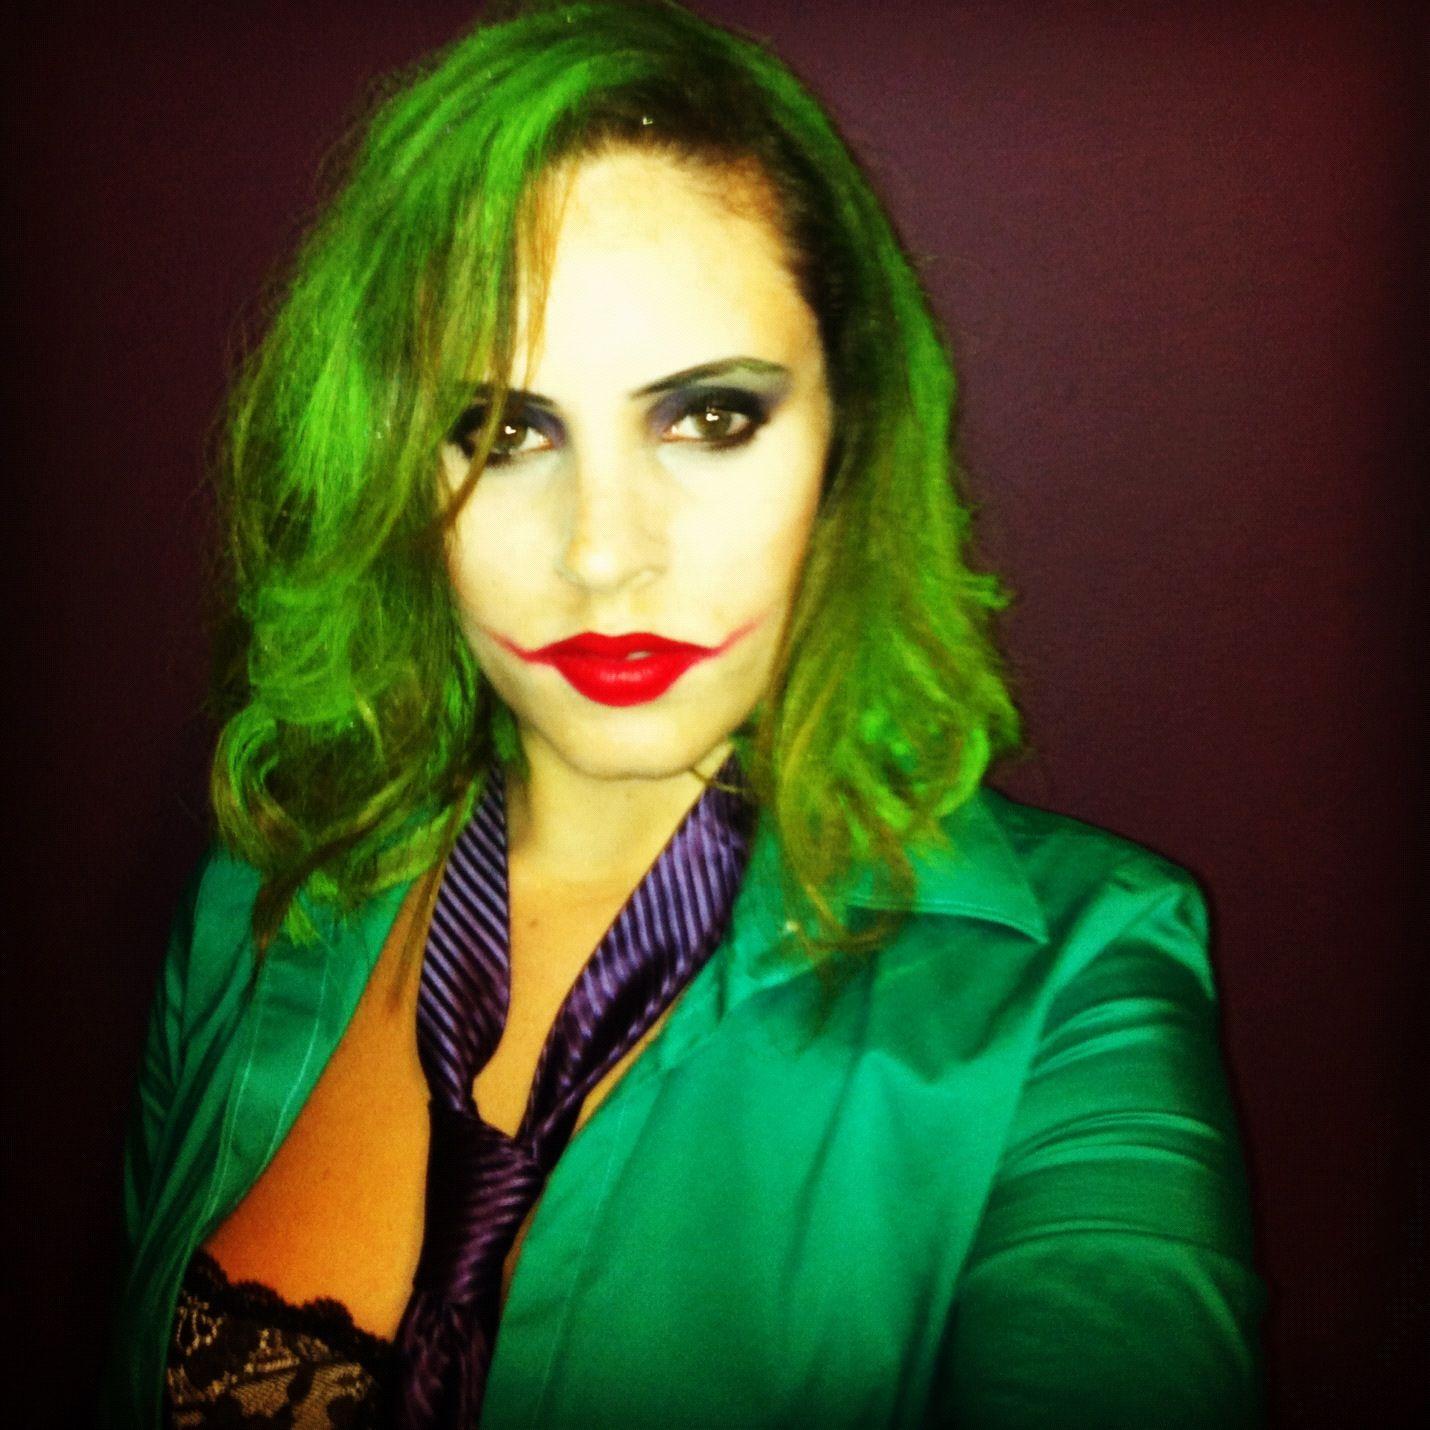 female joker - Joker Halloween Costume For Females